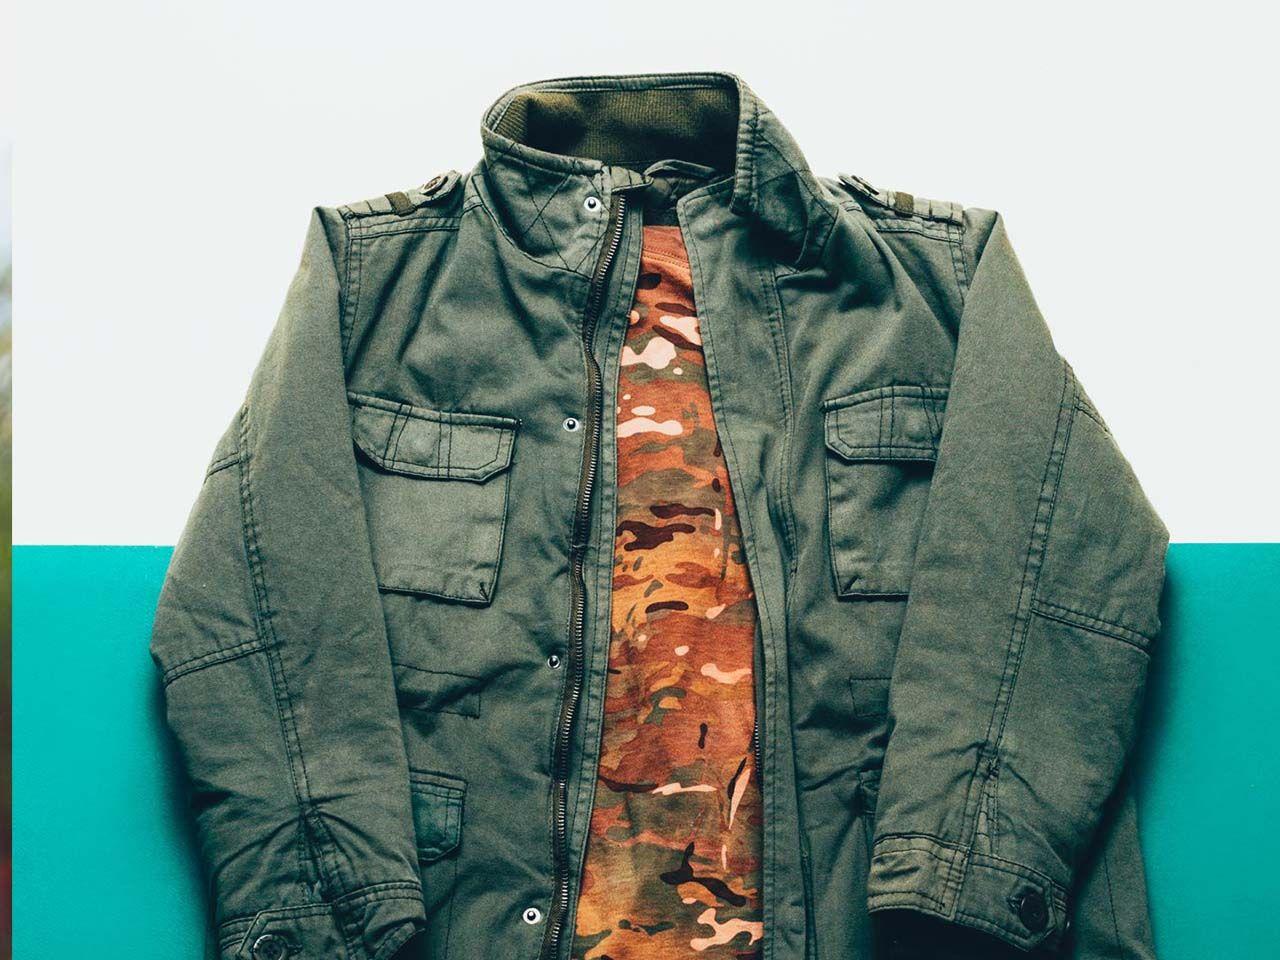 4f7d5e218796 Jak nosić kurtkę M65  Wojskowa legenda w świecie mody - Blog Jego ...